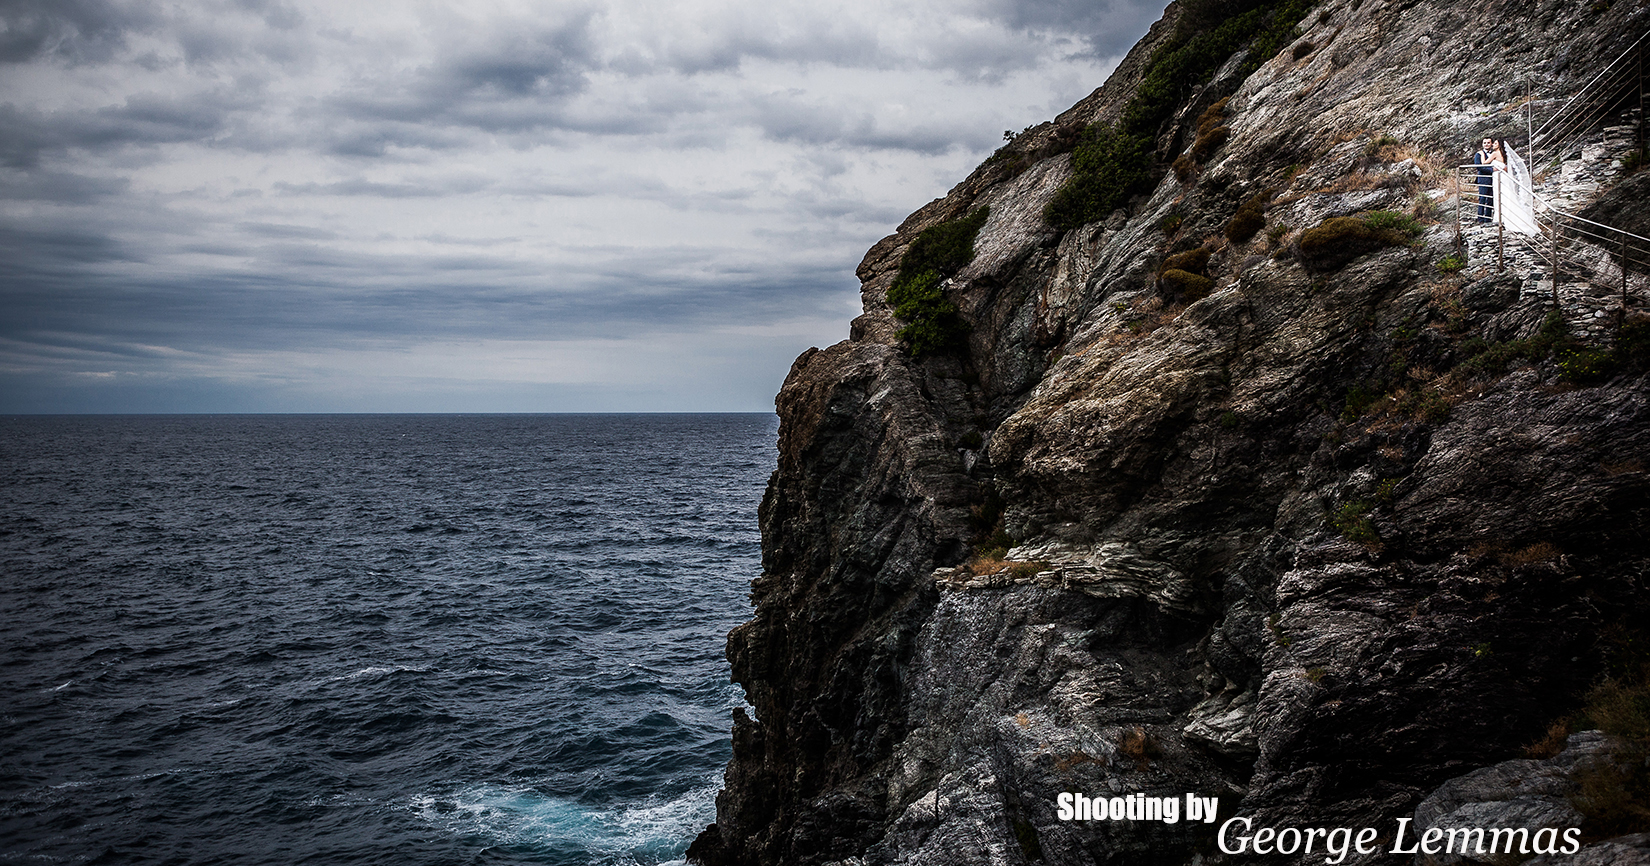 Φωτογραφος Γαμου Βαπτισης Σκιαθο Σκοπελο, Destination Wedding Photographer Videographer Skiathos Skopelos